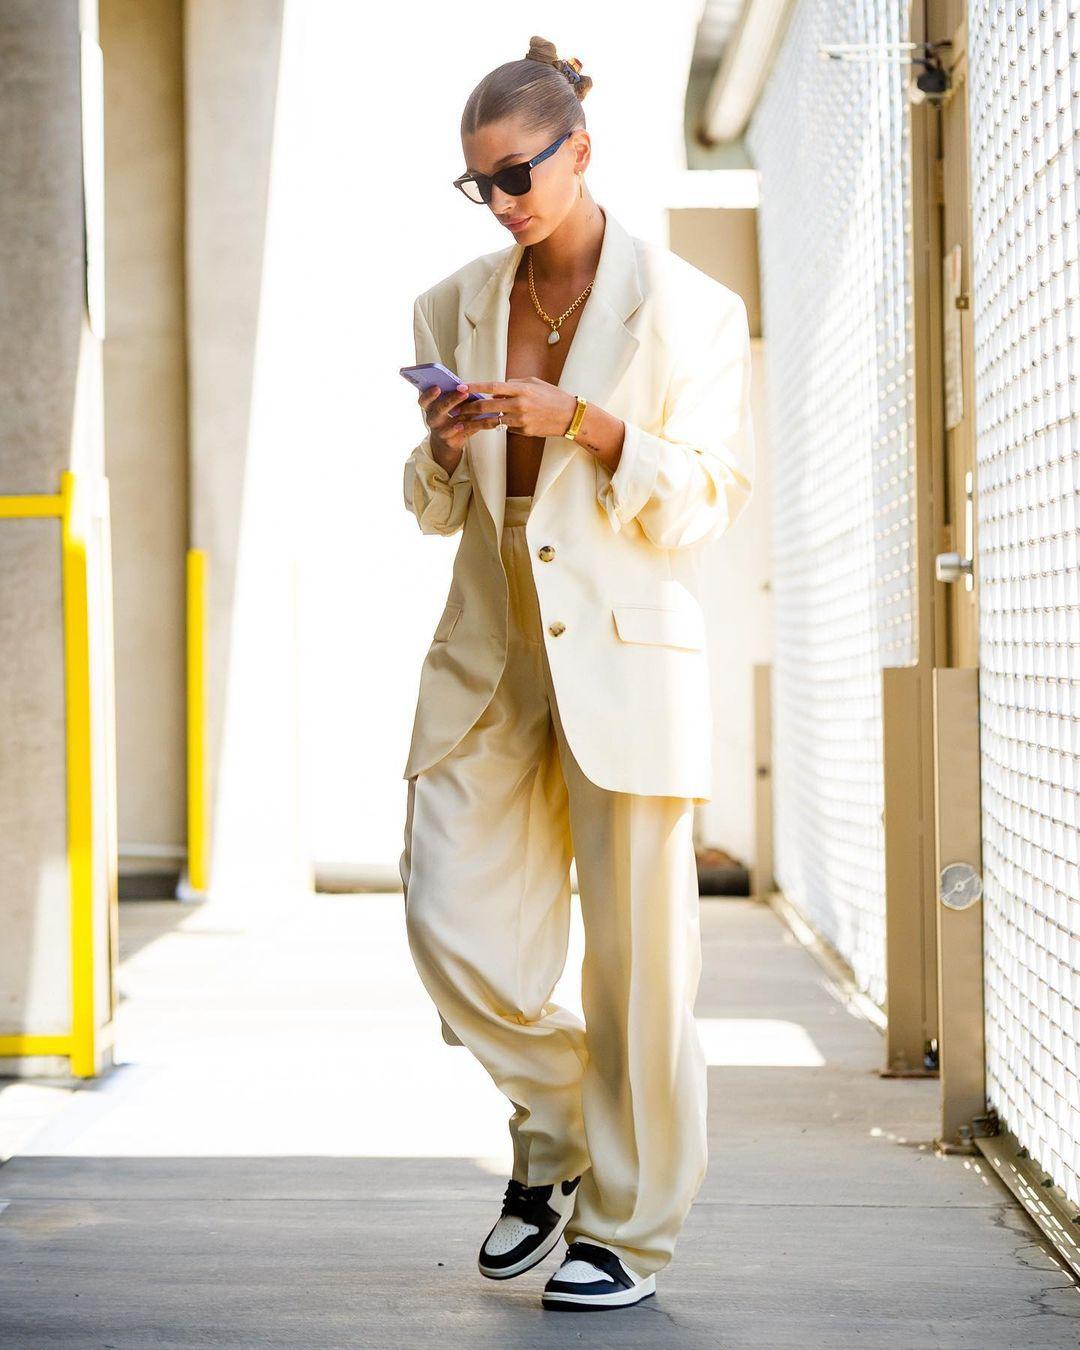 Bella Hadid, Rihanna chuộng mặc gì vào mùa hè? - ảnh 8